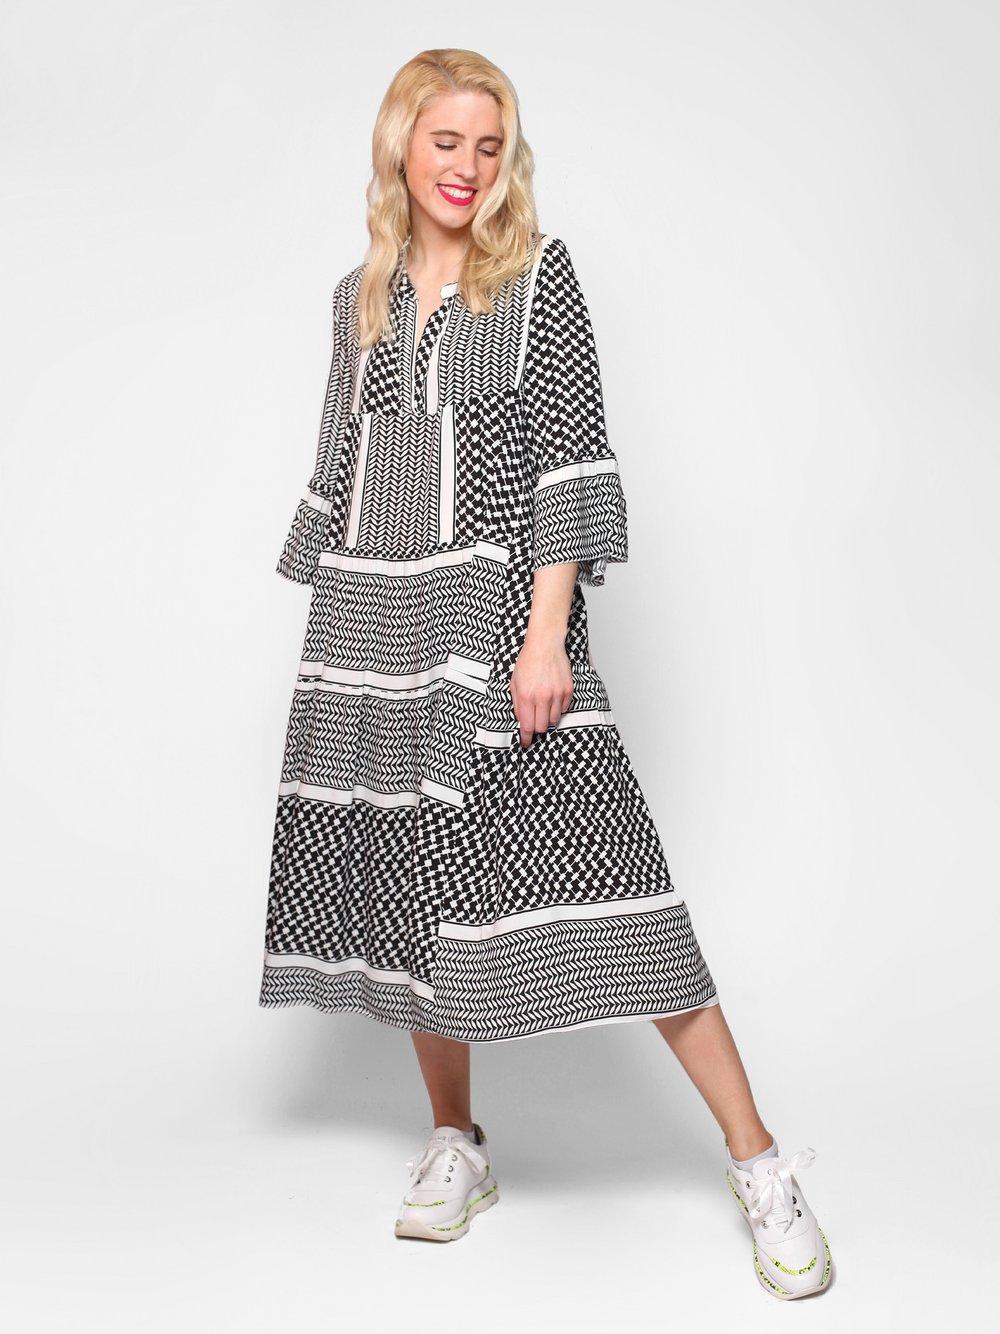 miss goodlife damen sommerkleid - pali pattern online kaufen